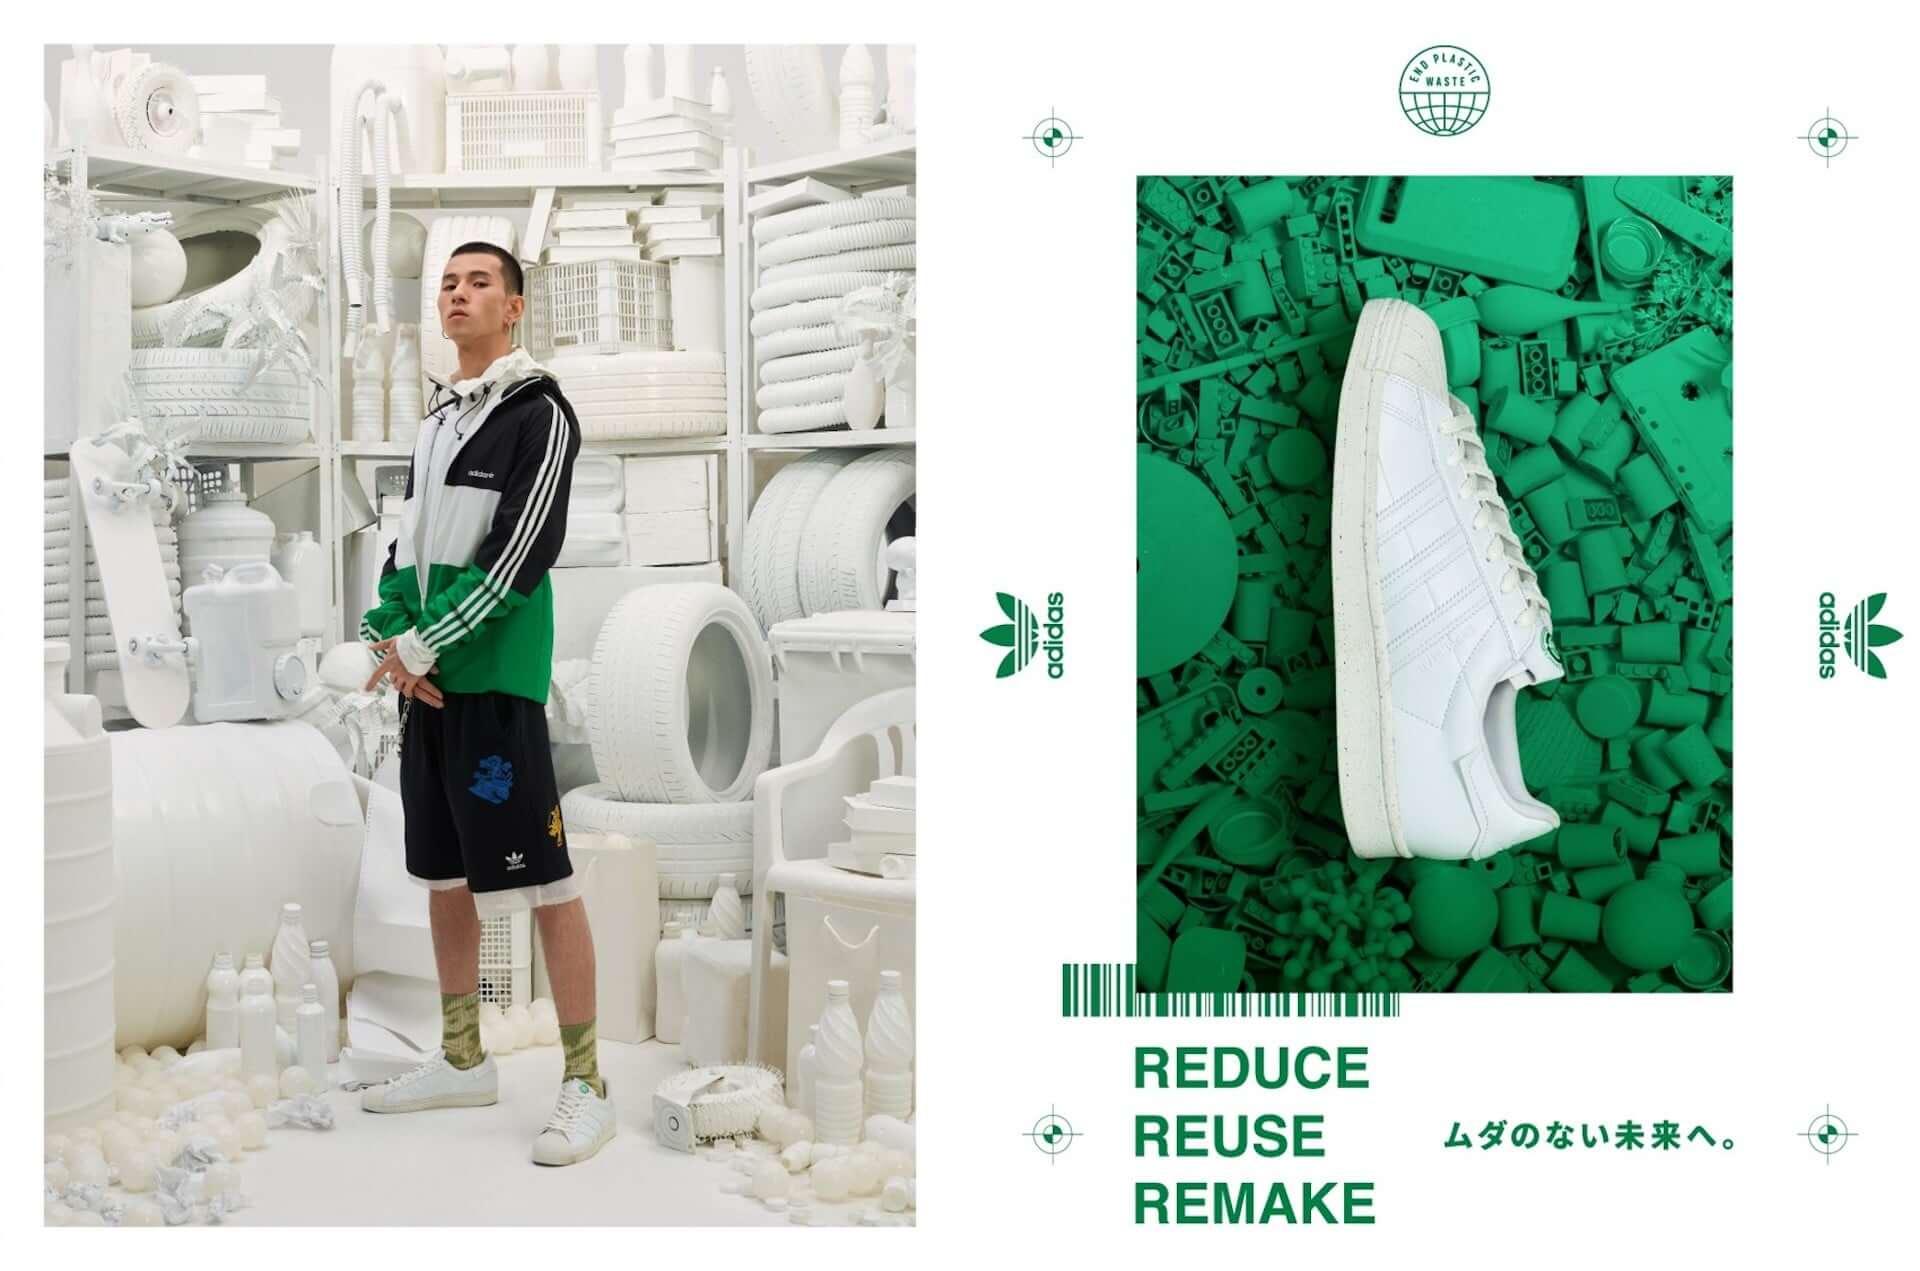 adidas Originalsがサステナブルなフットウェアコレクション「Clean Classics」を発売!名作「SUPERSTAR」「STAN SMITH」も登場 lf200804_adidas-cleanclassics_5-1920x1271